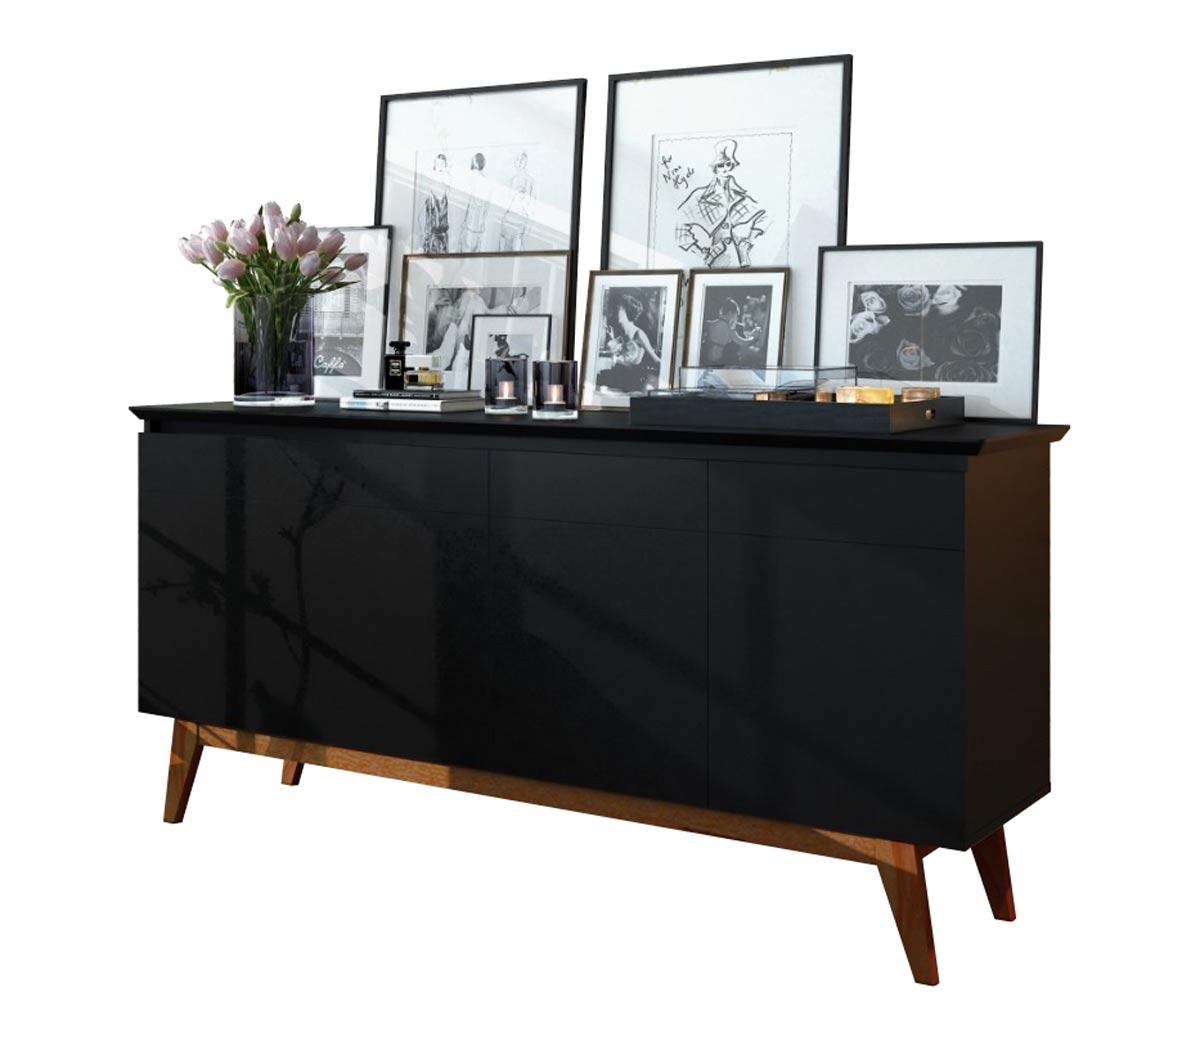 Conjunto Sala de Estar Rack com Painel 2.2 Sem Led + Buffet Preto - Imcal Móveis